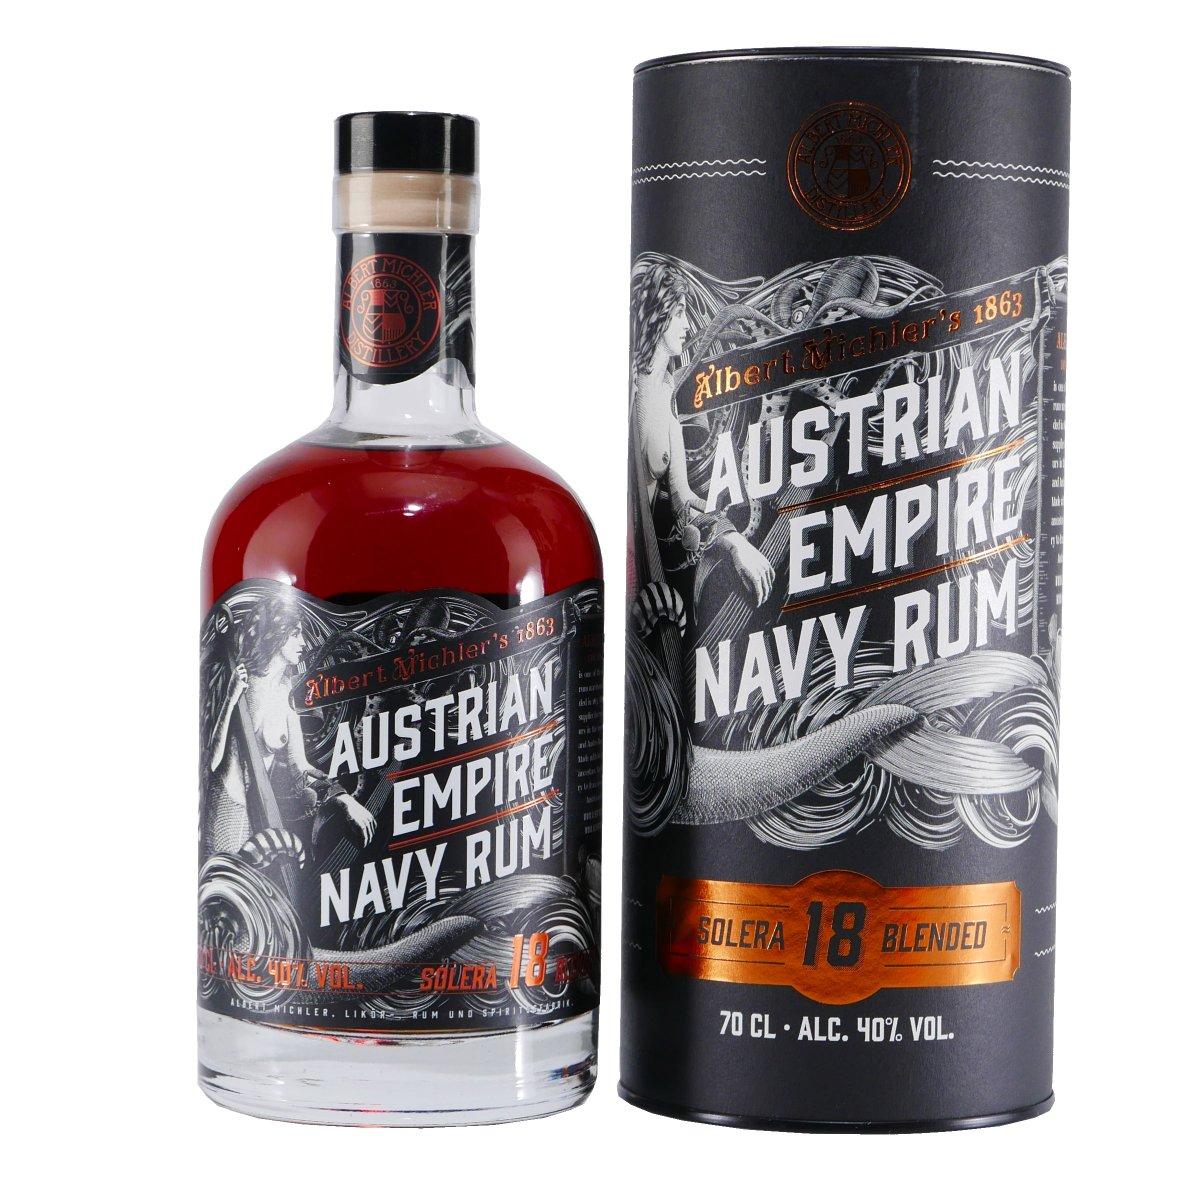 https://t.co/6GGvft5awZ  #werbung #gutefreundeshop #lokalefreunde #spirituosen #alkohol #gin #gintonic #wein #rotwein #weißwein #roséwein #likör #korn #vodka #whisky #whiskycola #rum #bier #glühwein #schaumwein #alkoholfrei #geschenke #party #feier #sommer #instagood #happy #fun https://t.co/FlgntbH4Ld